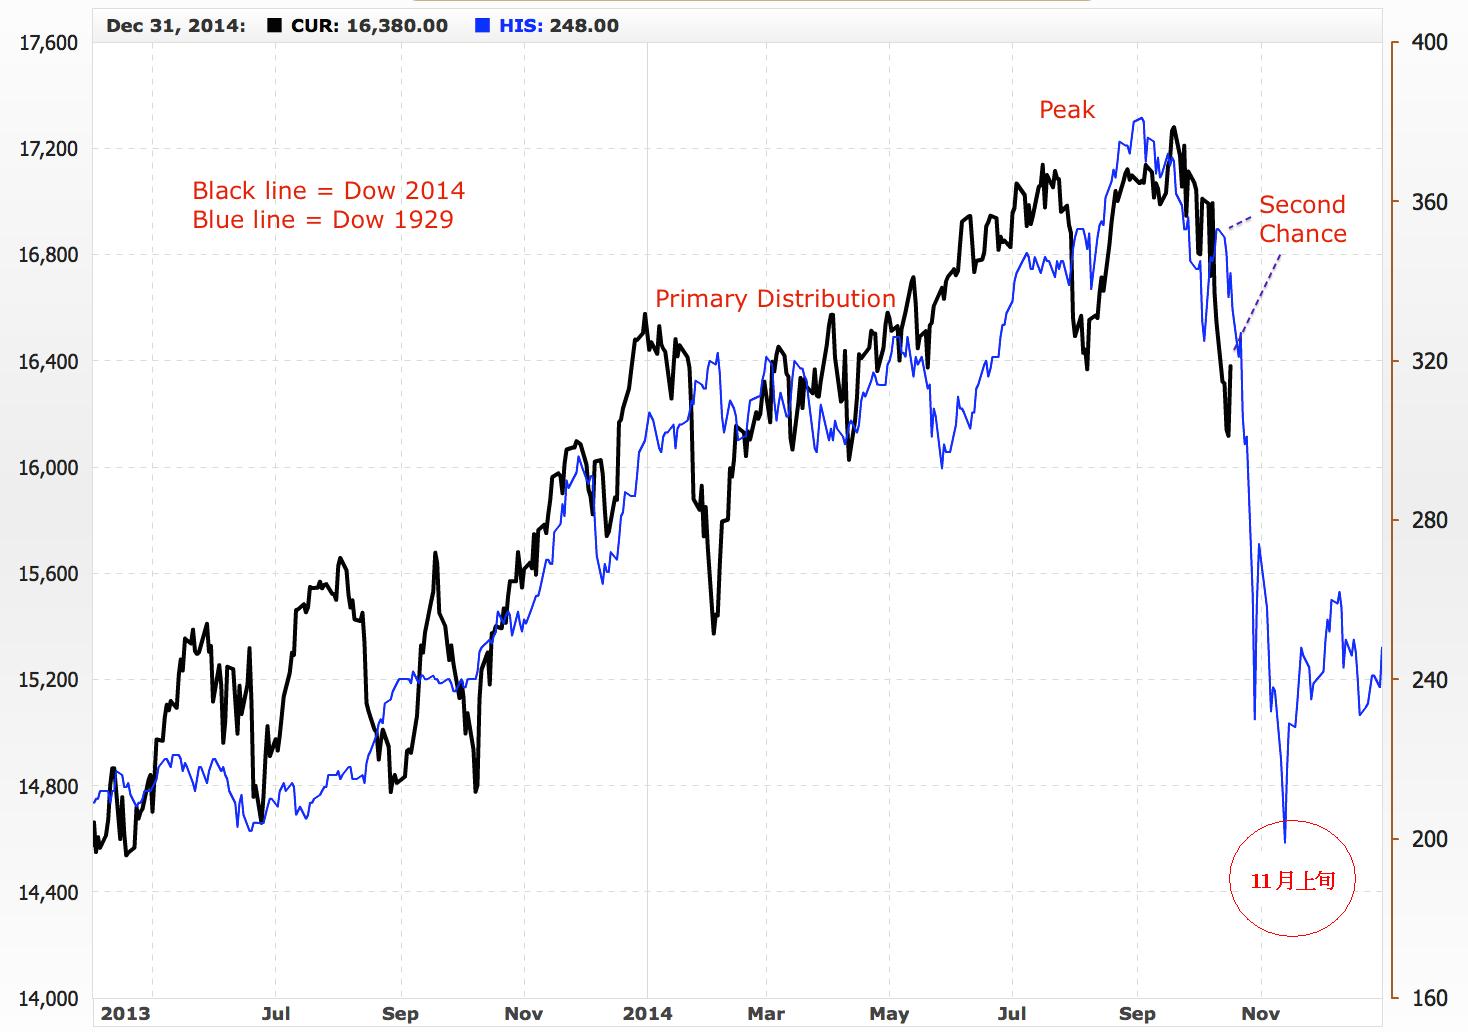 1929年大暴落時のチャートとの相似。そしてヒンデンブルグオーメン点灯について